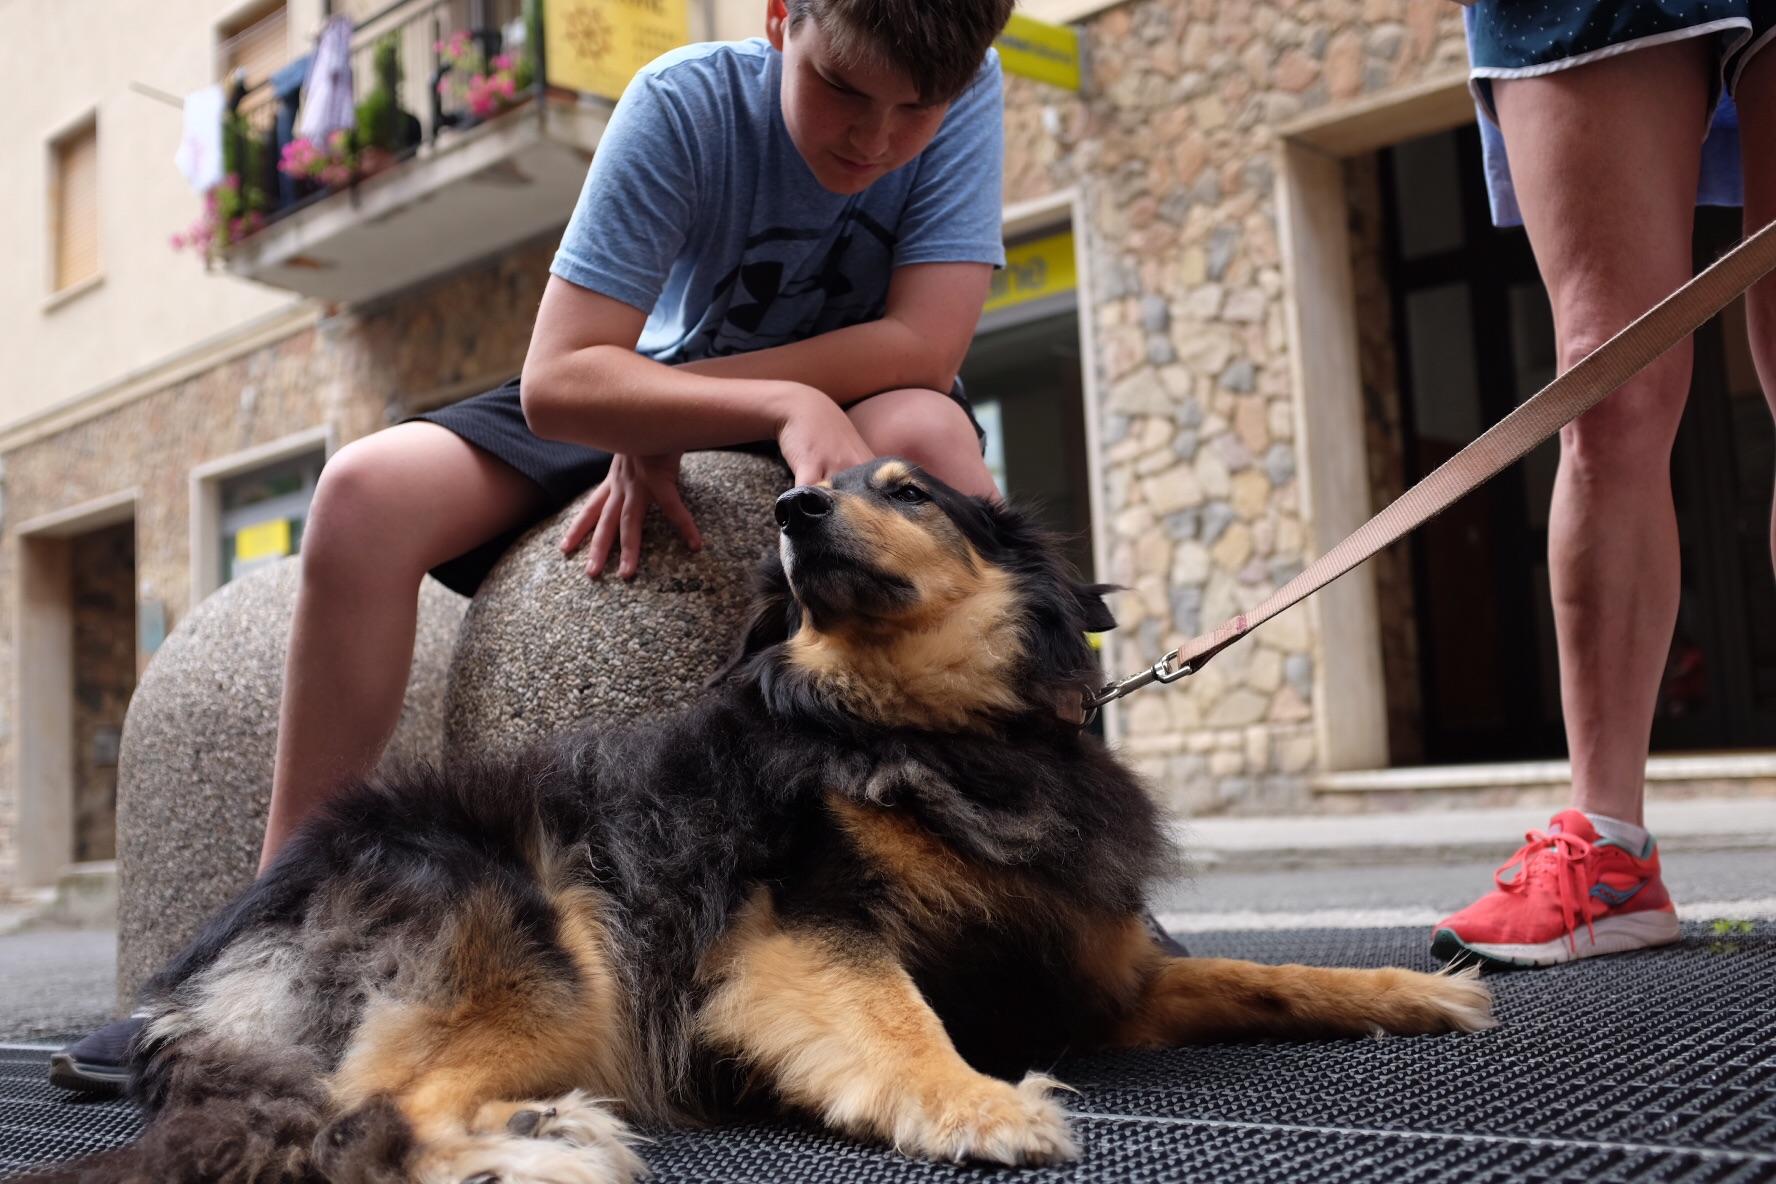 Sam meets Francesco's dog Billia